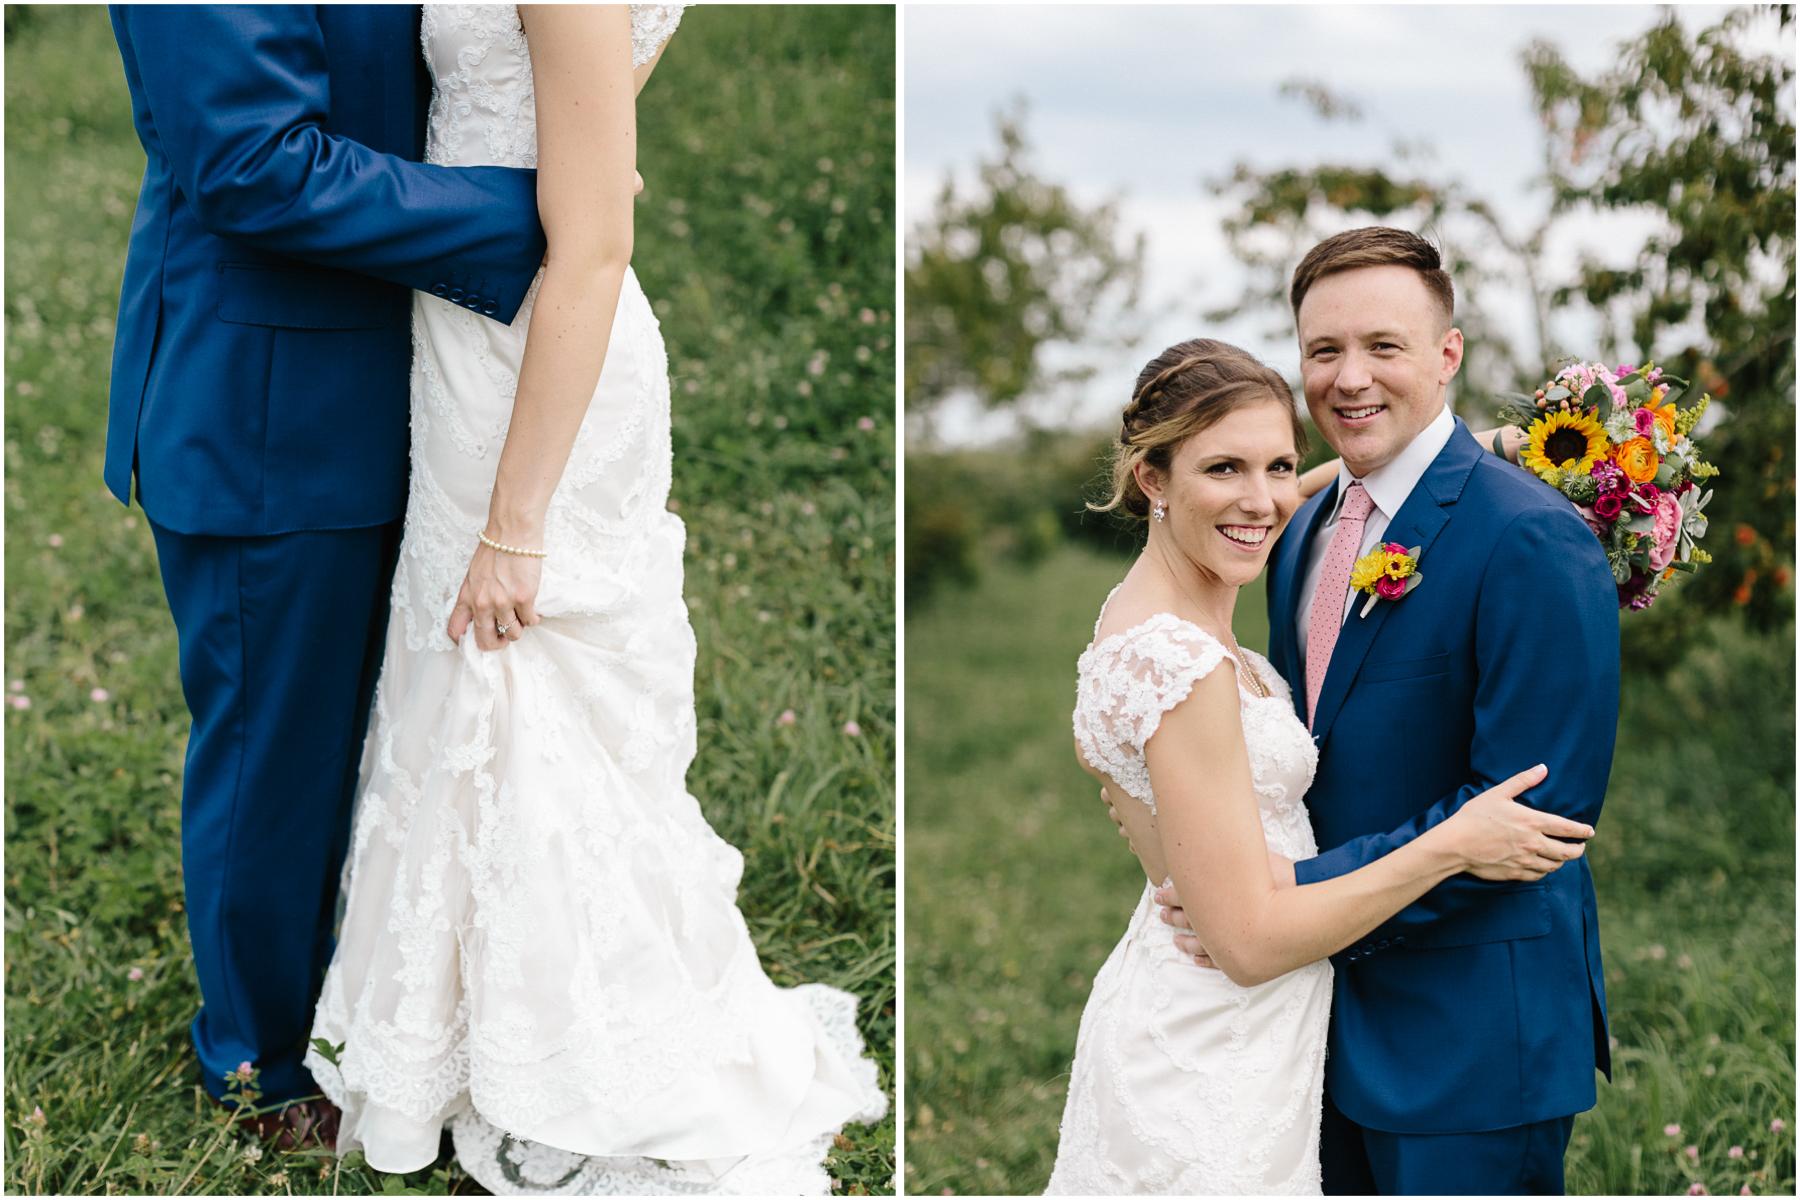 alyssa barletter photography weston missouri bright summer wedding allie and alex cole-26.jpg